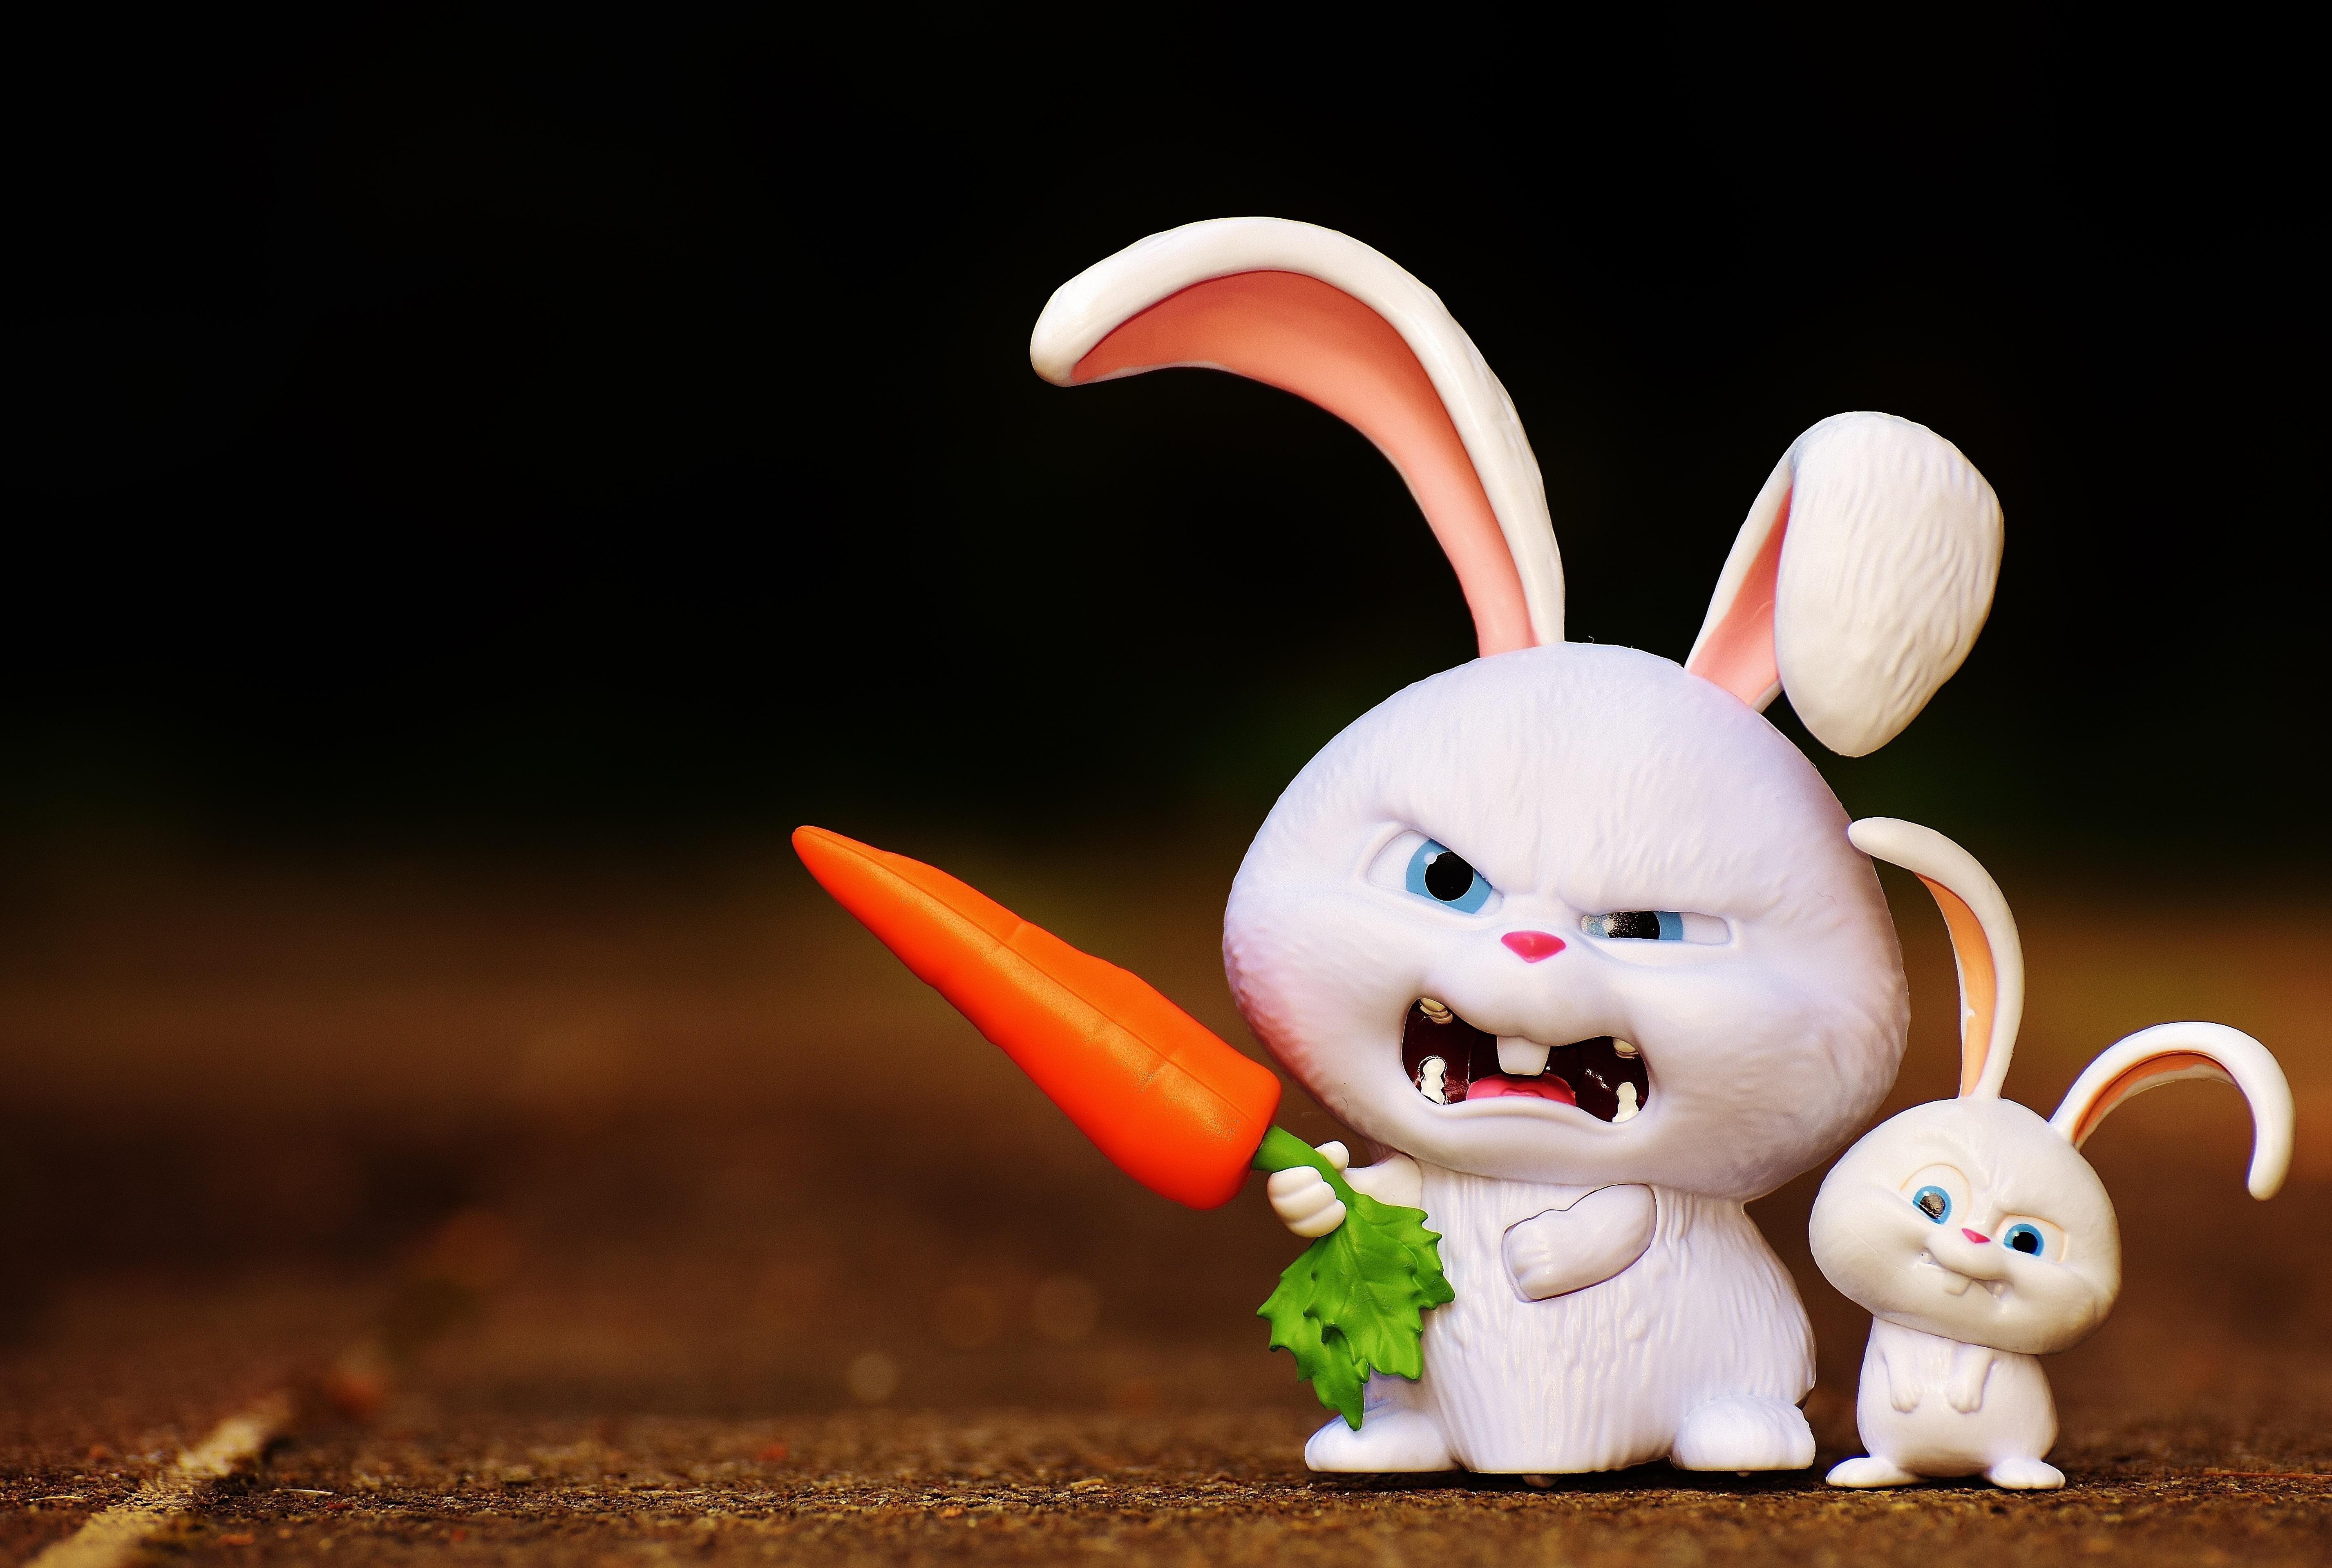 Gambar Imut Mainan Hewan Peliharaan Anak Anak Kesenangan Lucu